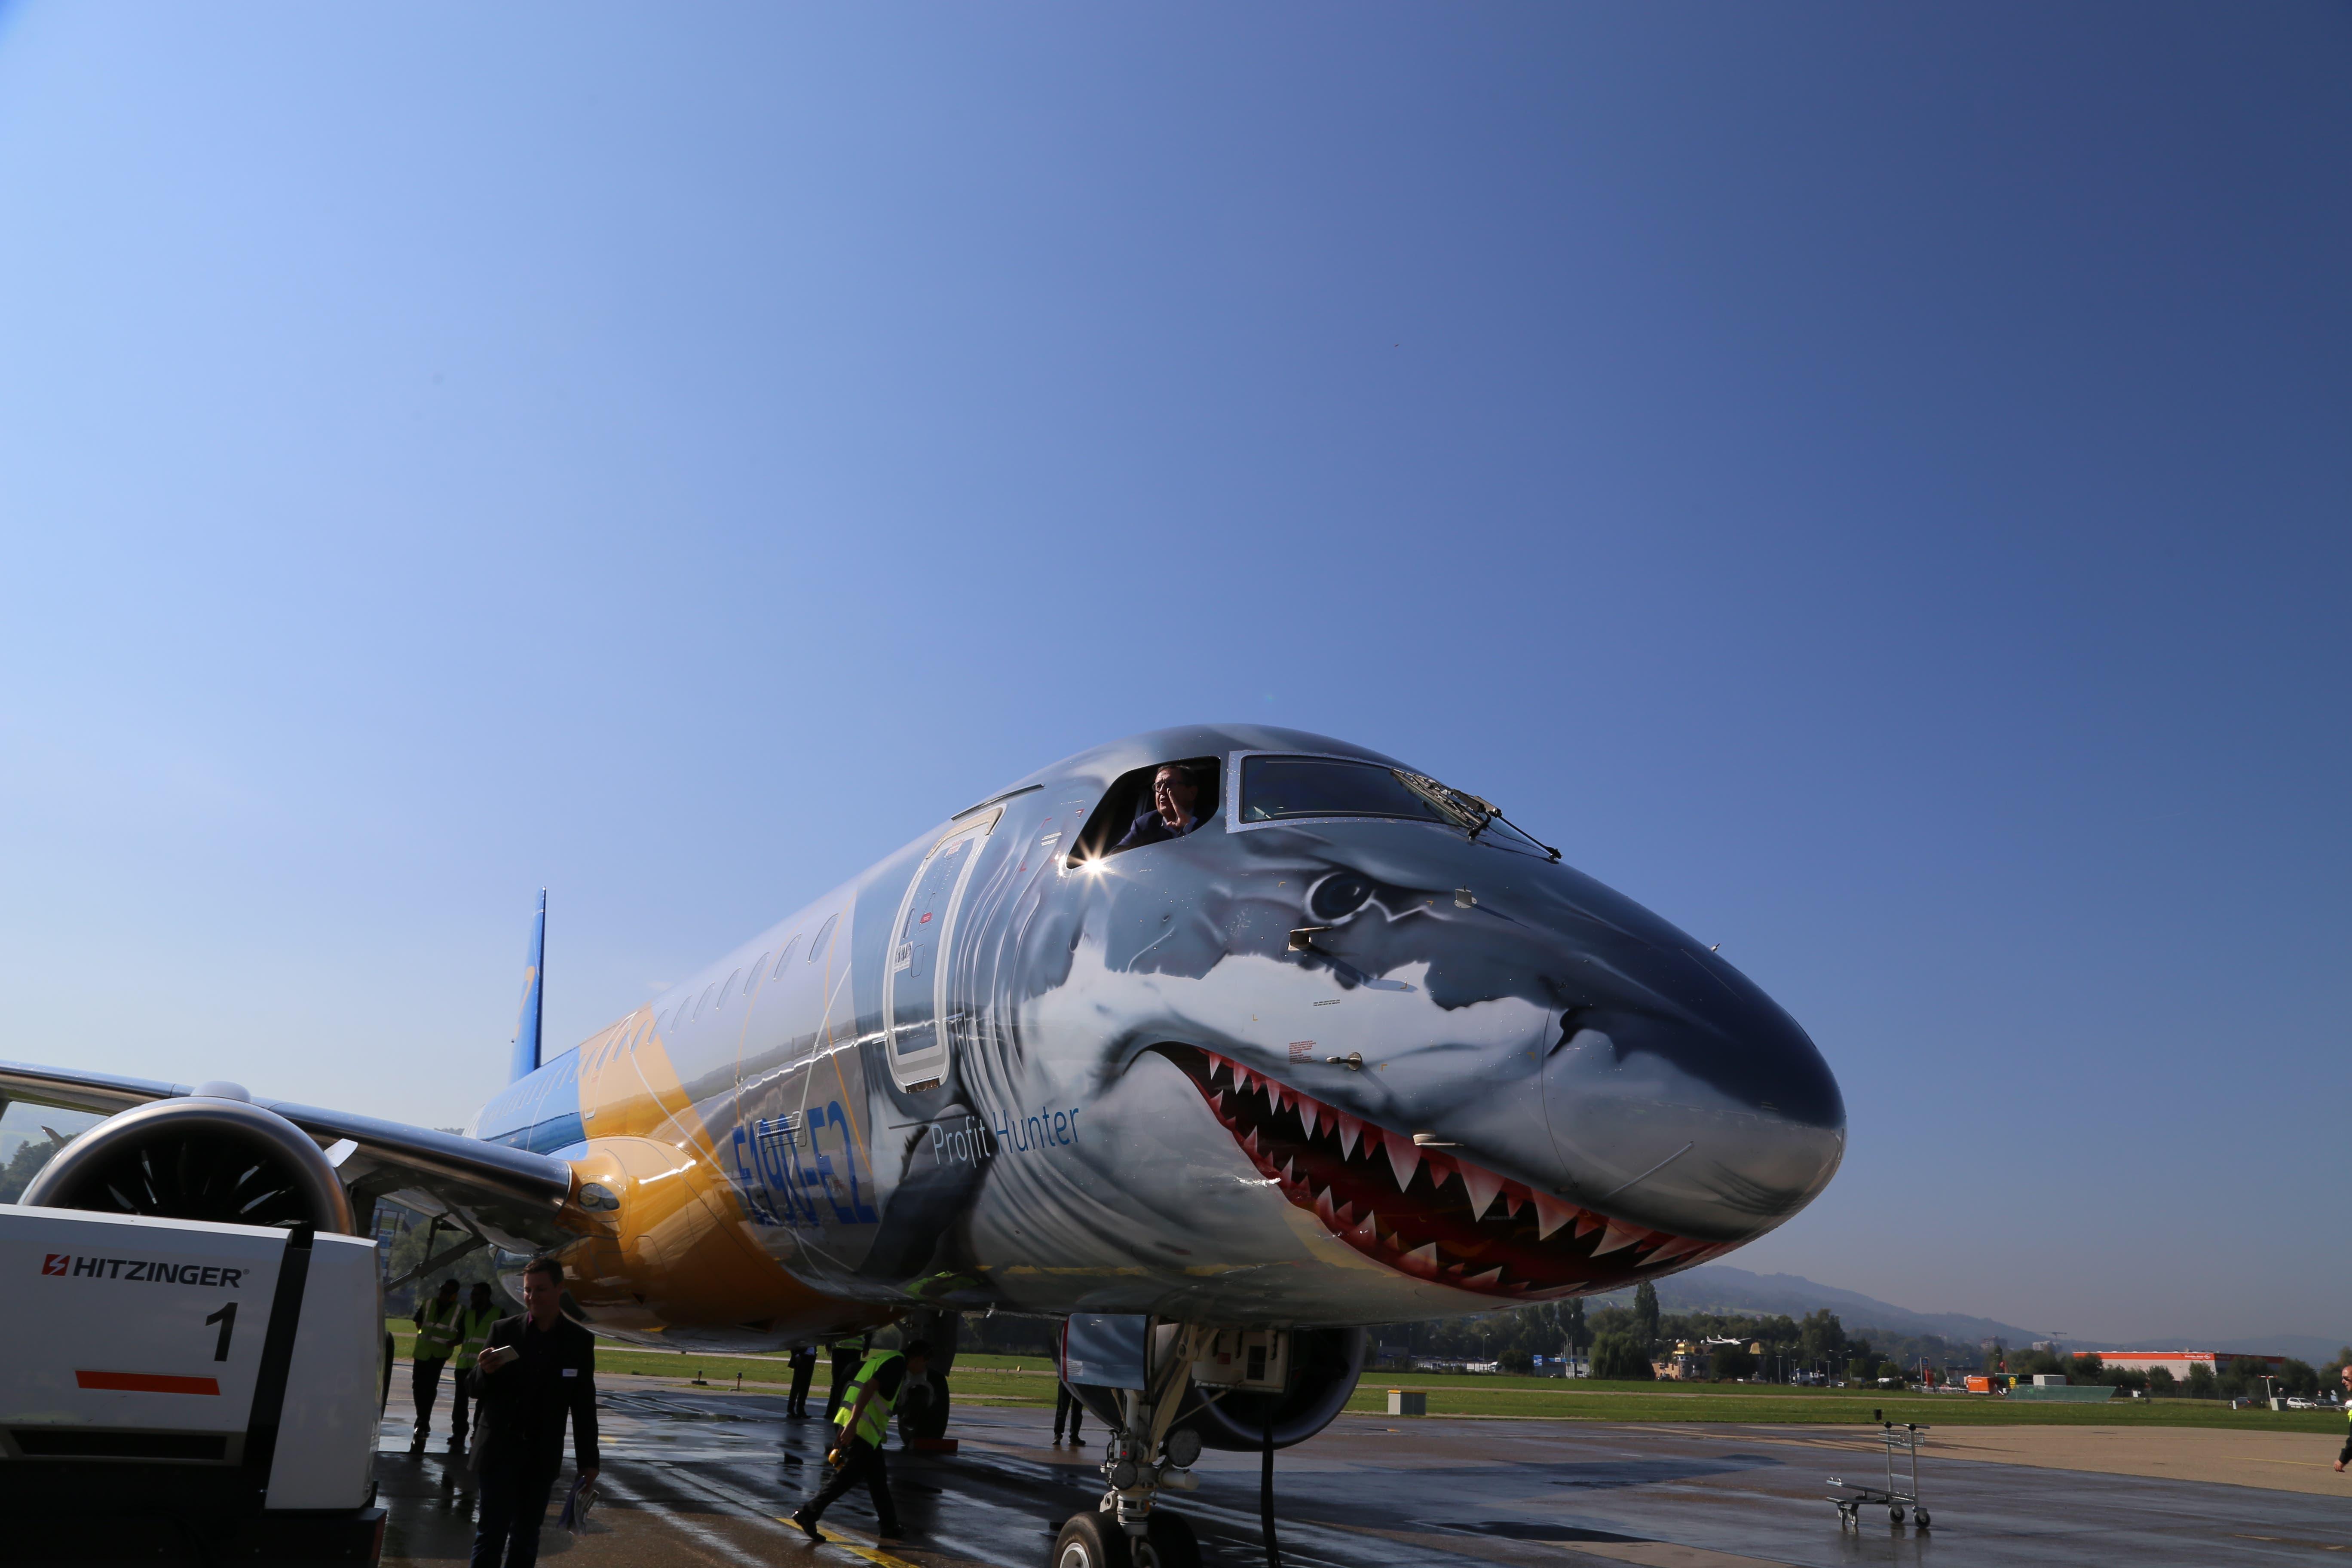 Dieses Flugzeugmodell, die E190-E2 des Brasilianischen Flugzeugbauers Embraer, soll schon bald regelmässig vom Flugplatz Altenrhein abheben.  (Bild: Vivien Huber)